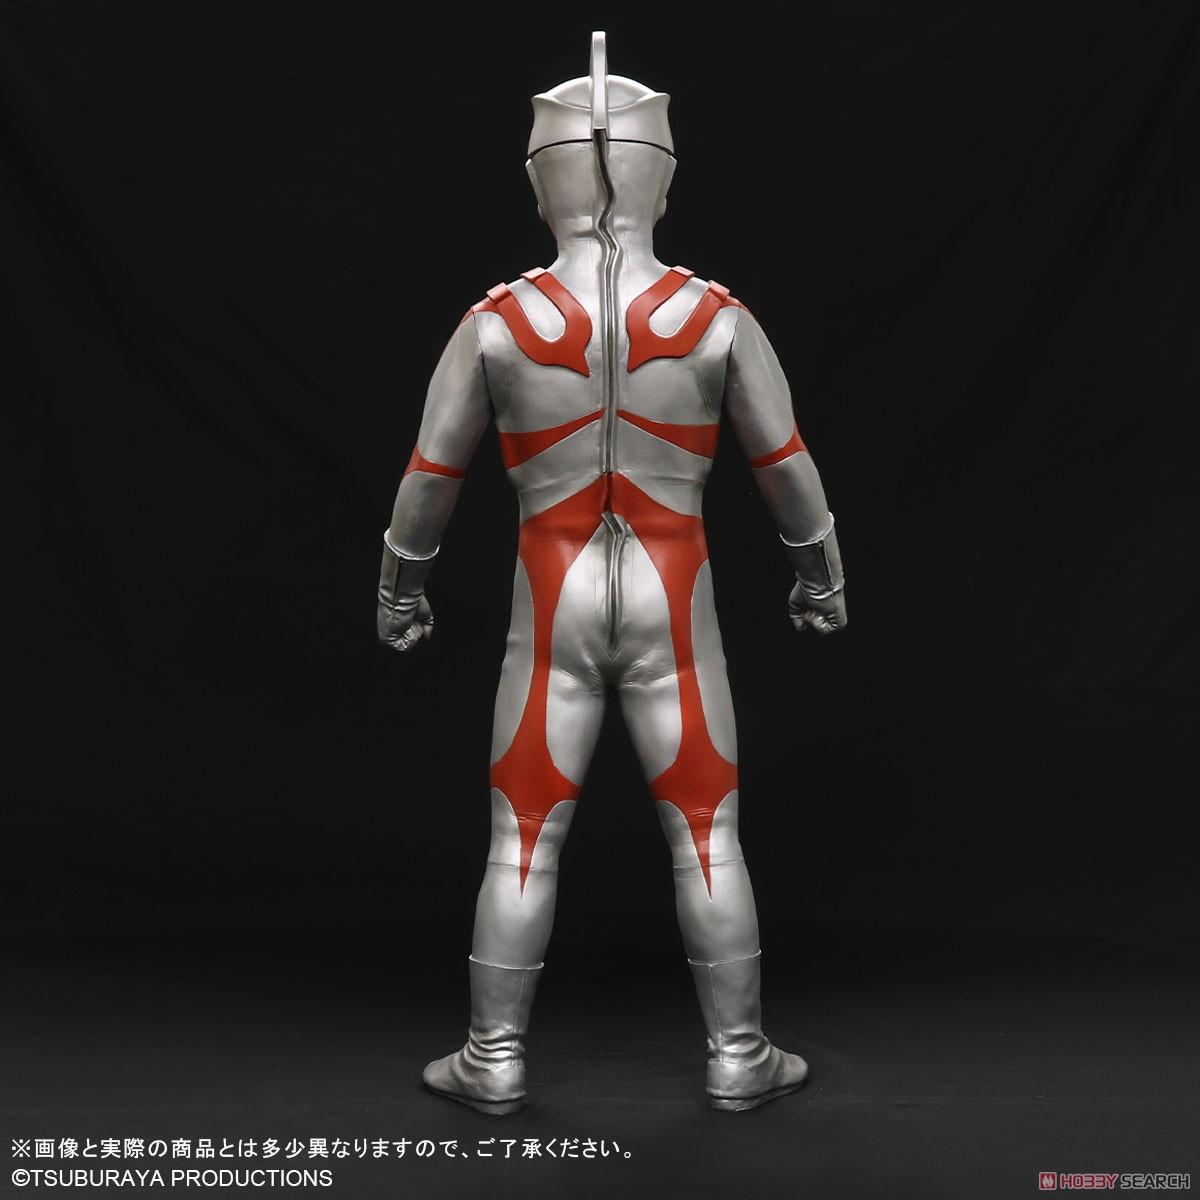 ギガンティックシリーズ『ウルトラマンエース 一般流通版』完成品フィギュア-005